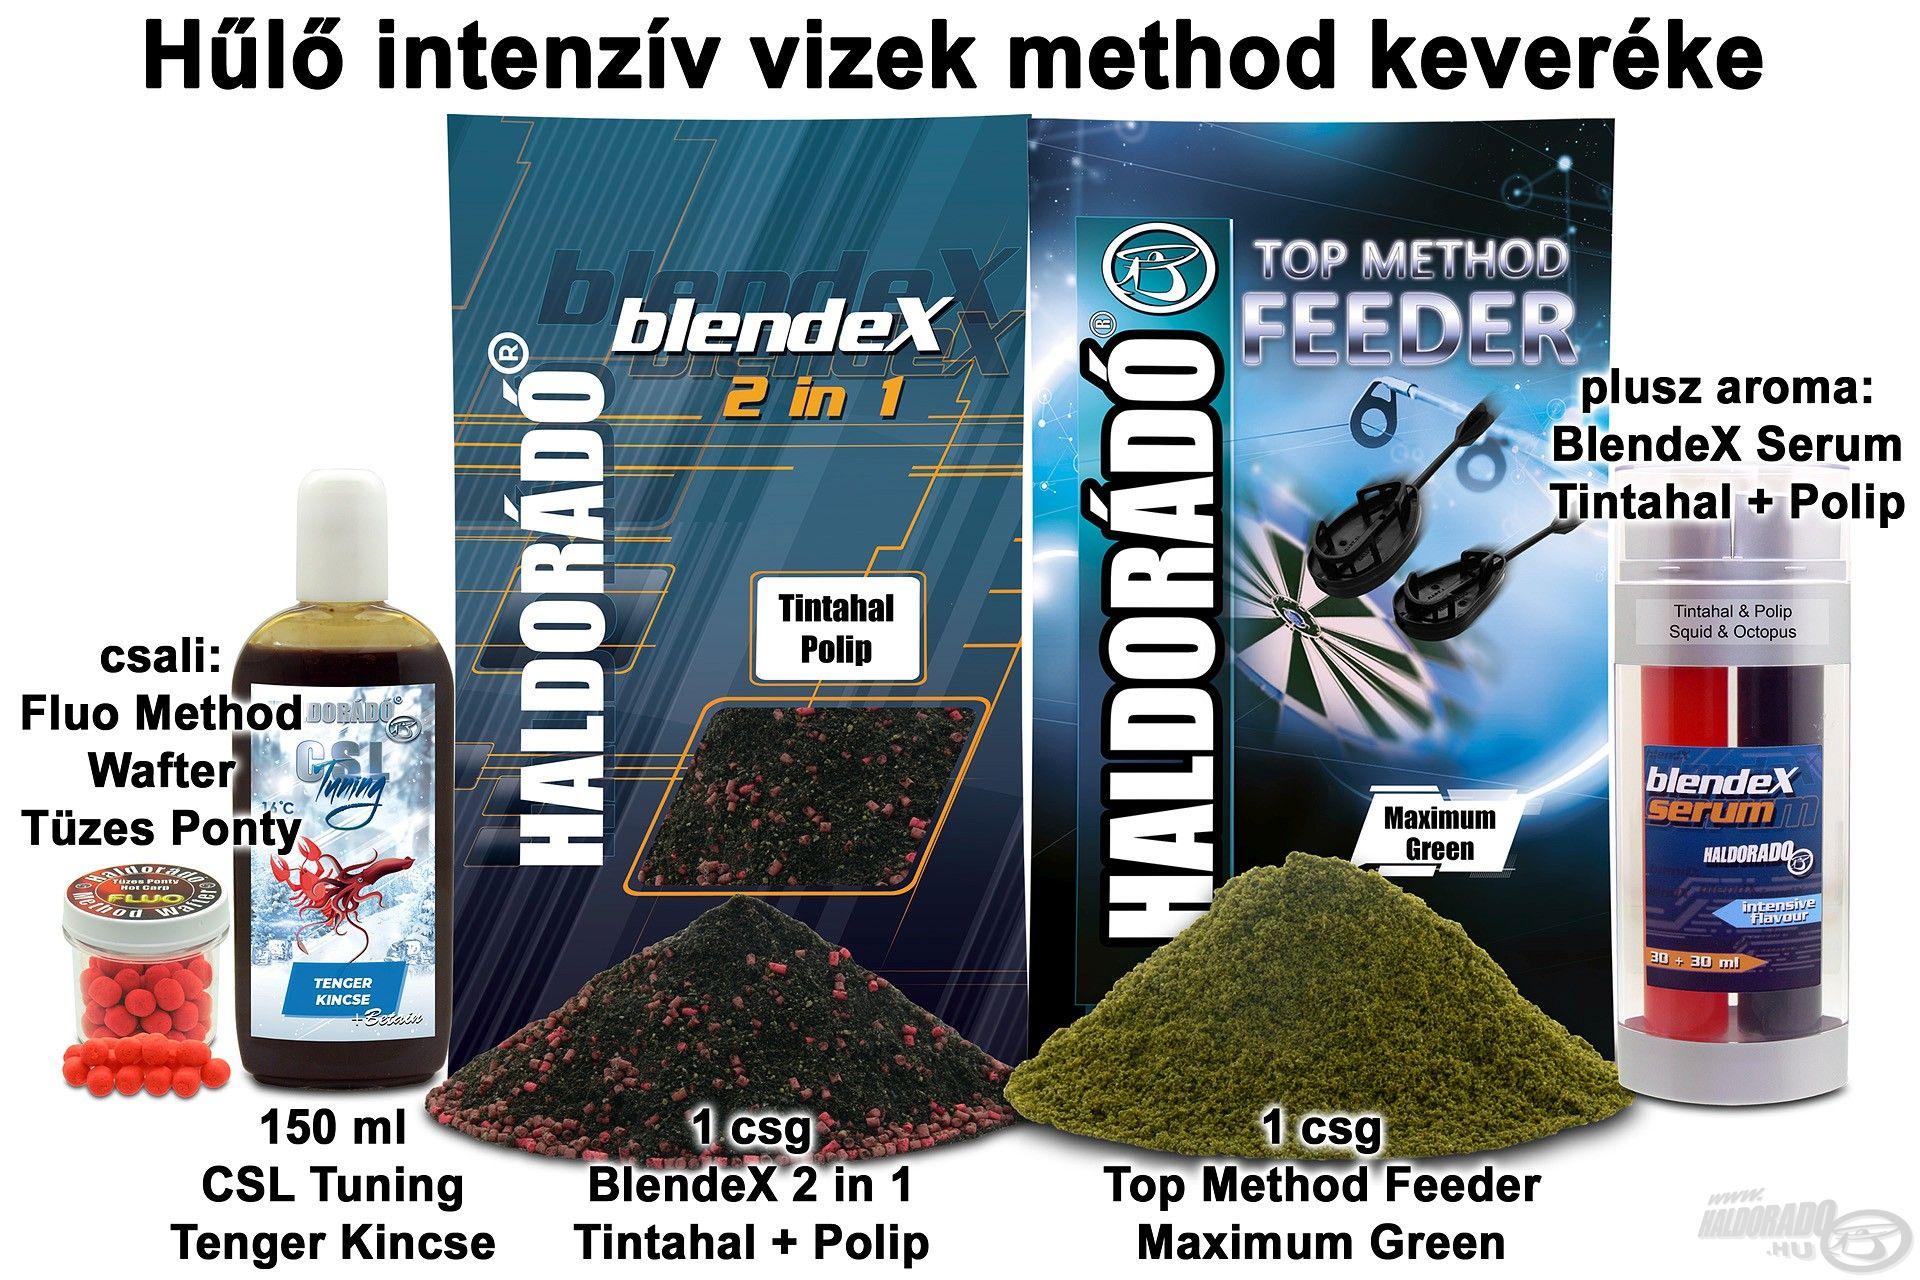 Hűlő intenzív vizek method keveréke